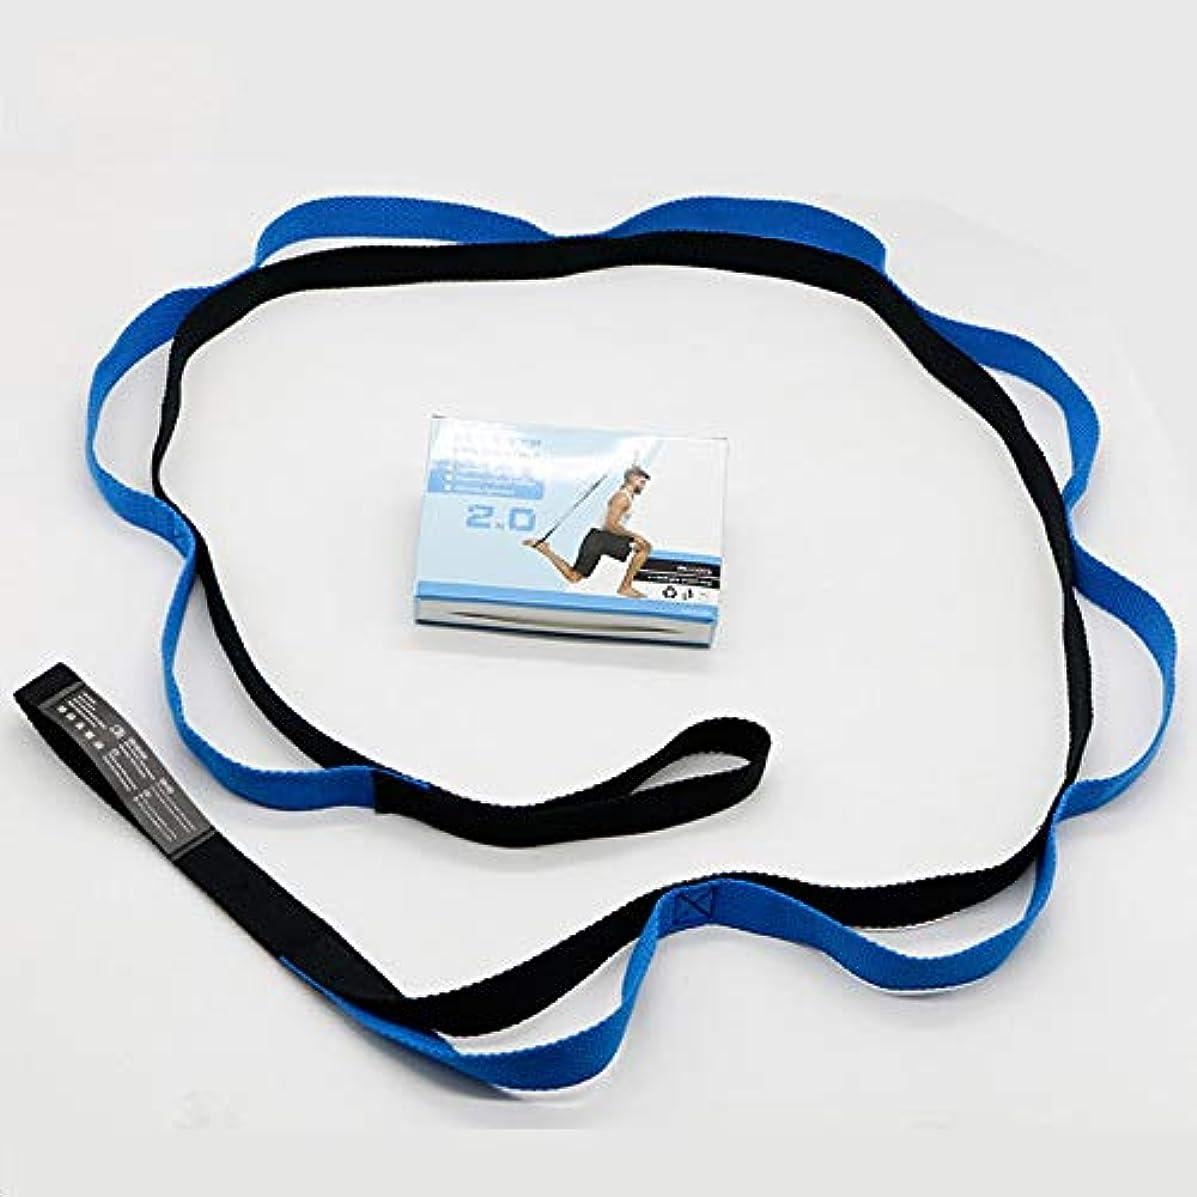 ネクタイを除く迅速フィットネスエクササイズジムヨガストレッチアウトストラップ弾性ベルトウエストレッグアームエクステンションストラップベルトスポーツユニセックストレーニングベルトバンド - ブルー&ブラック